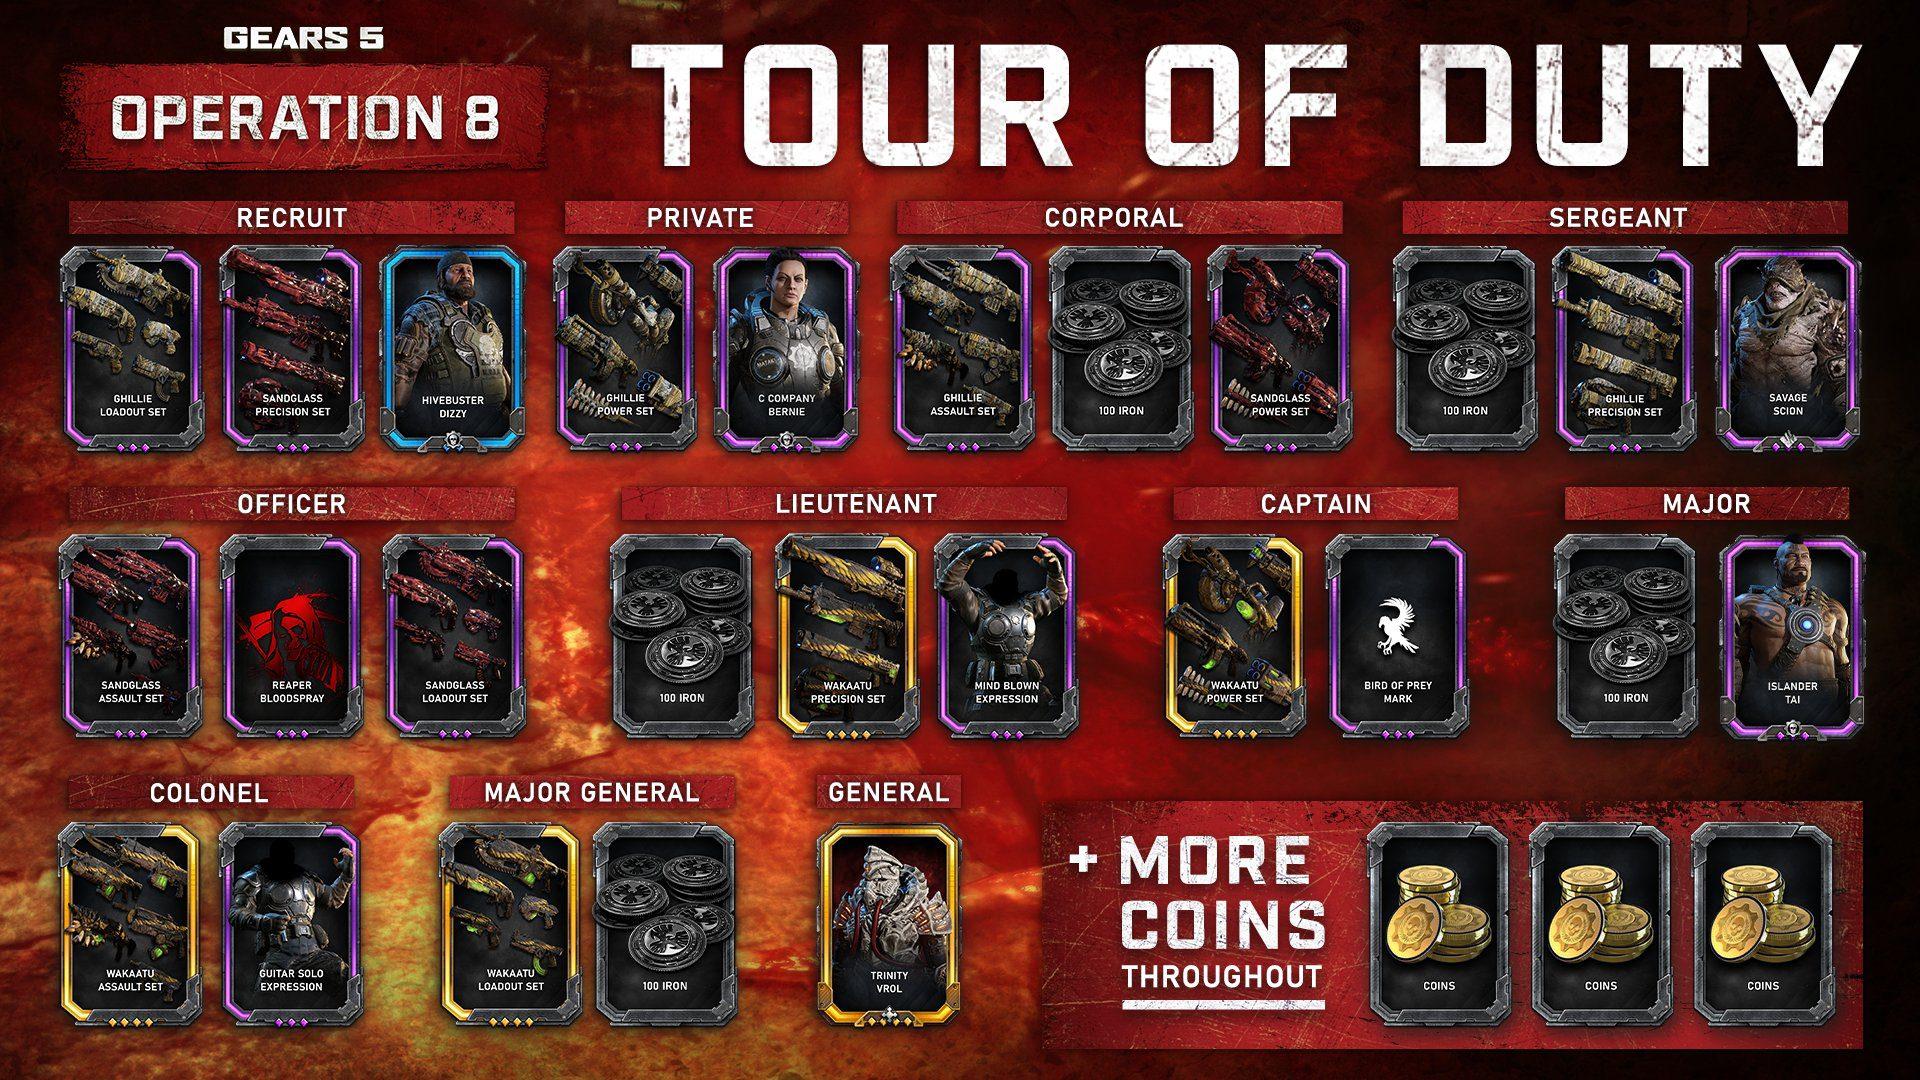 """Estas son las recompensas del nuevo """"Tour of Duty"""" en Gears 5 - The Coalition ha compartido cuales serán las recompensas del """"Tour of Duty"""" de la nueva temporada para Gears 5 que empieza hoy mismo."""